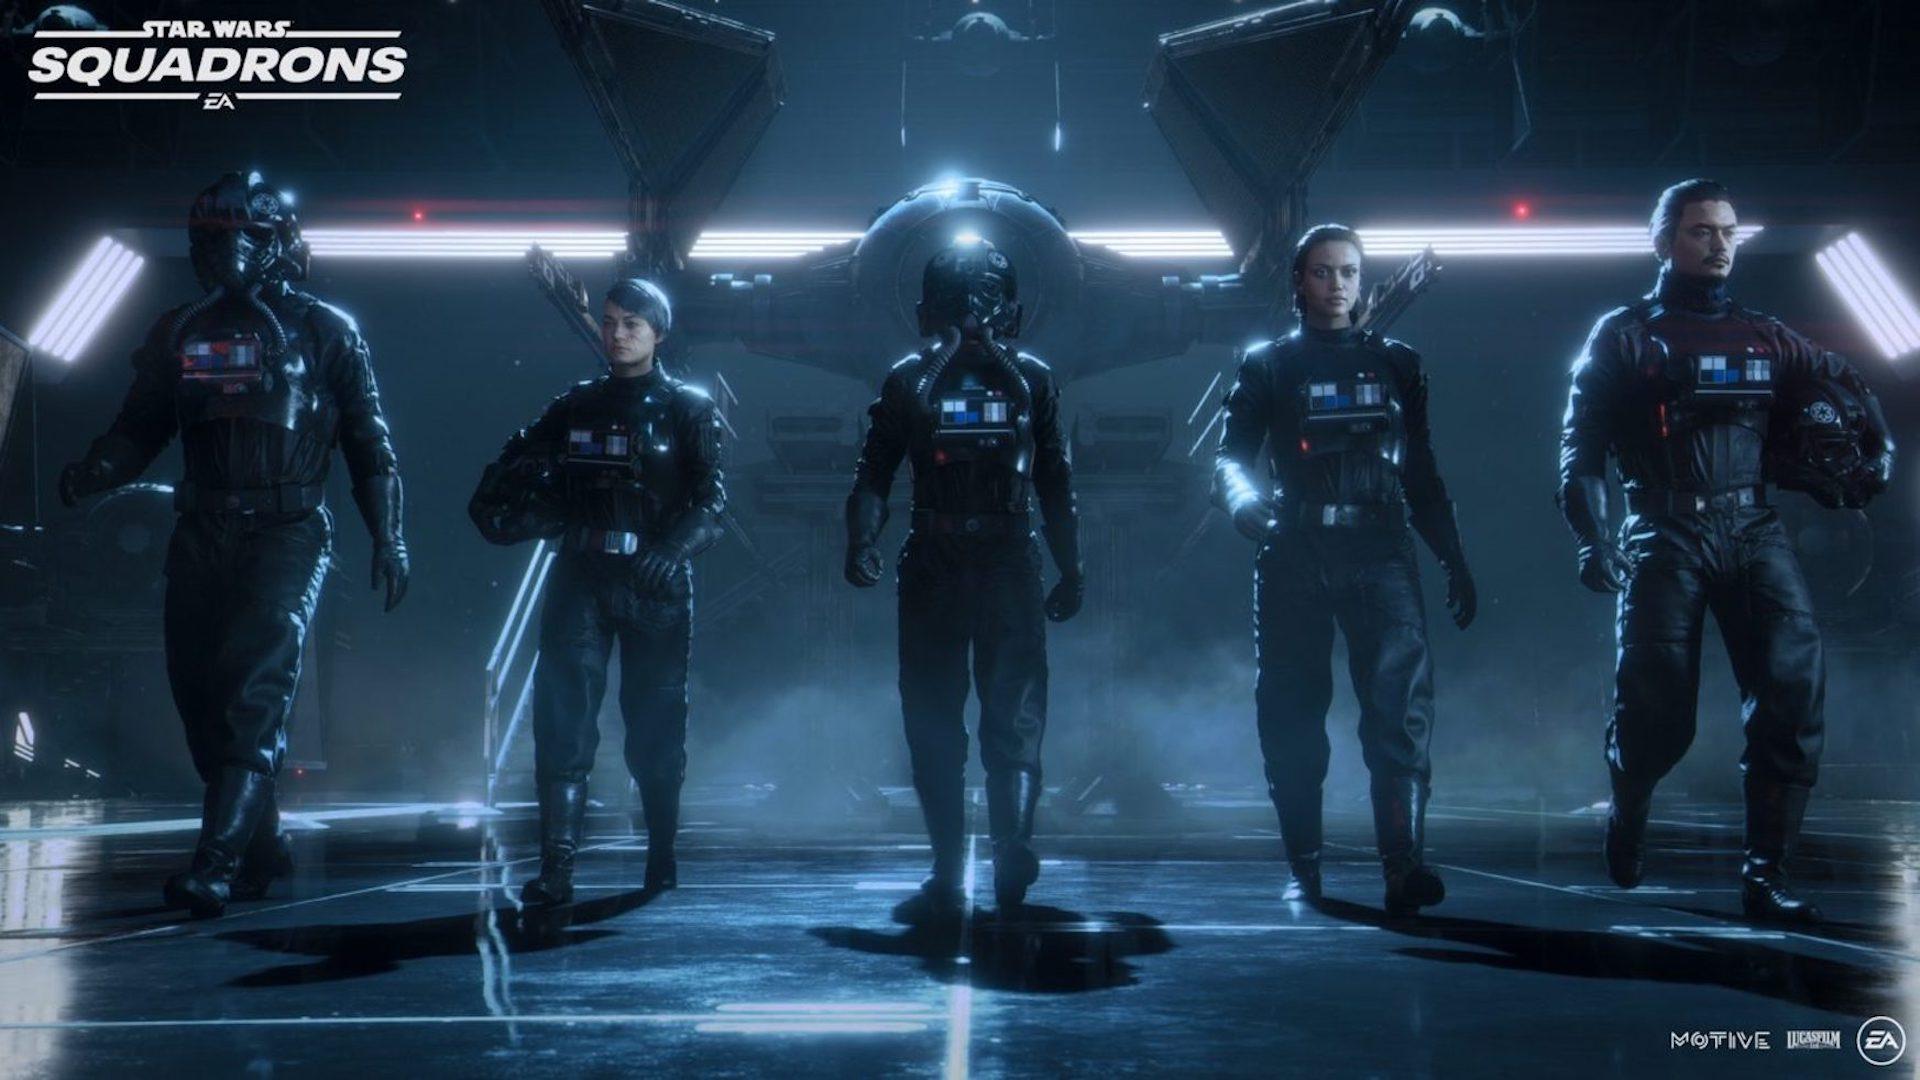 star wars squadrons gra eskadry trailer premiera ea gwiezdne wojny